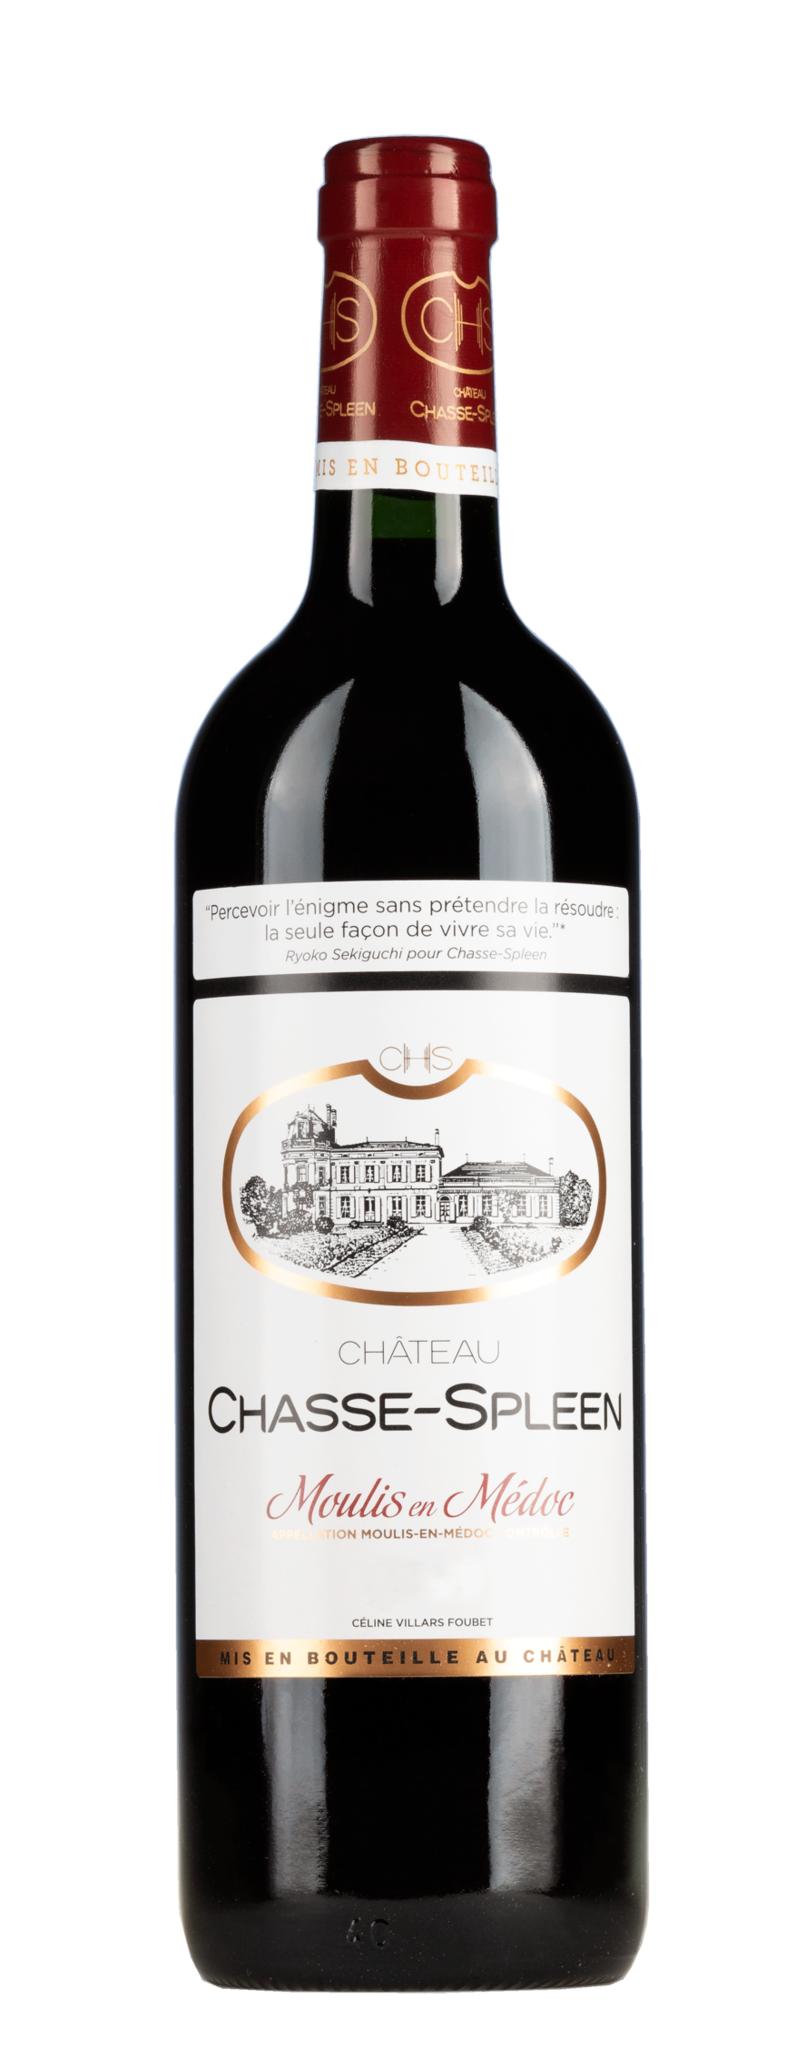 Bordeaux Diverse 2016 Chateau Chasse-Spleen Cru Bourgeois exceptionnel Moulis en Medoc